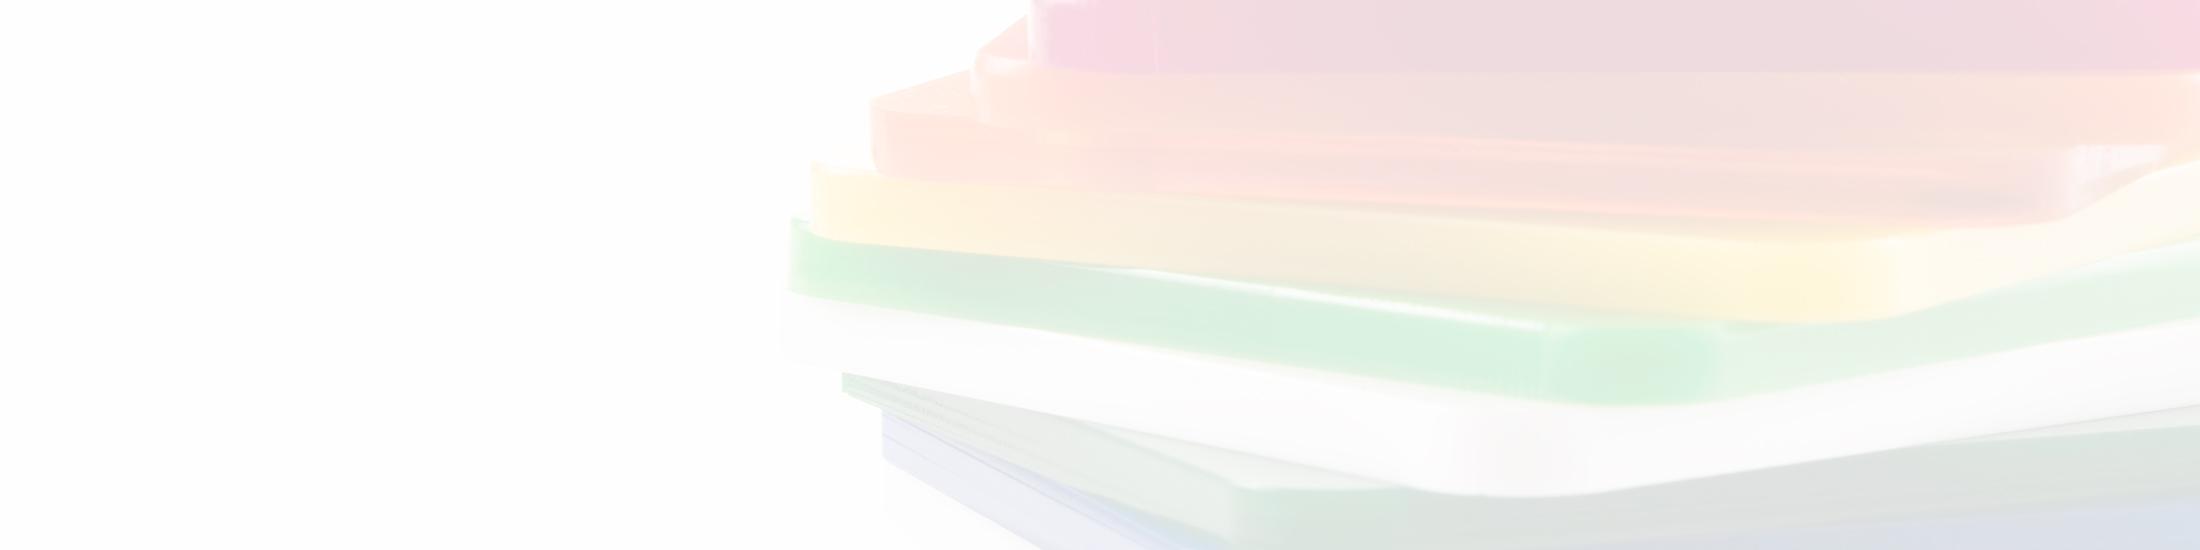 Acrylplatten zum Laserschneiden und Gravieren